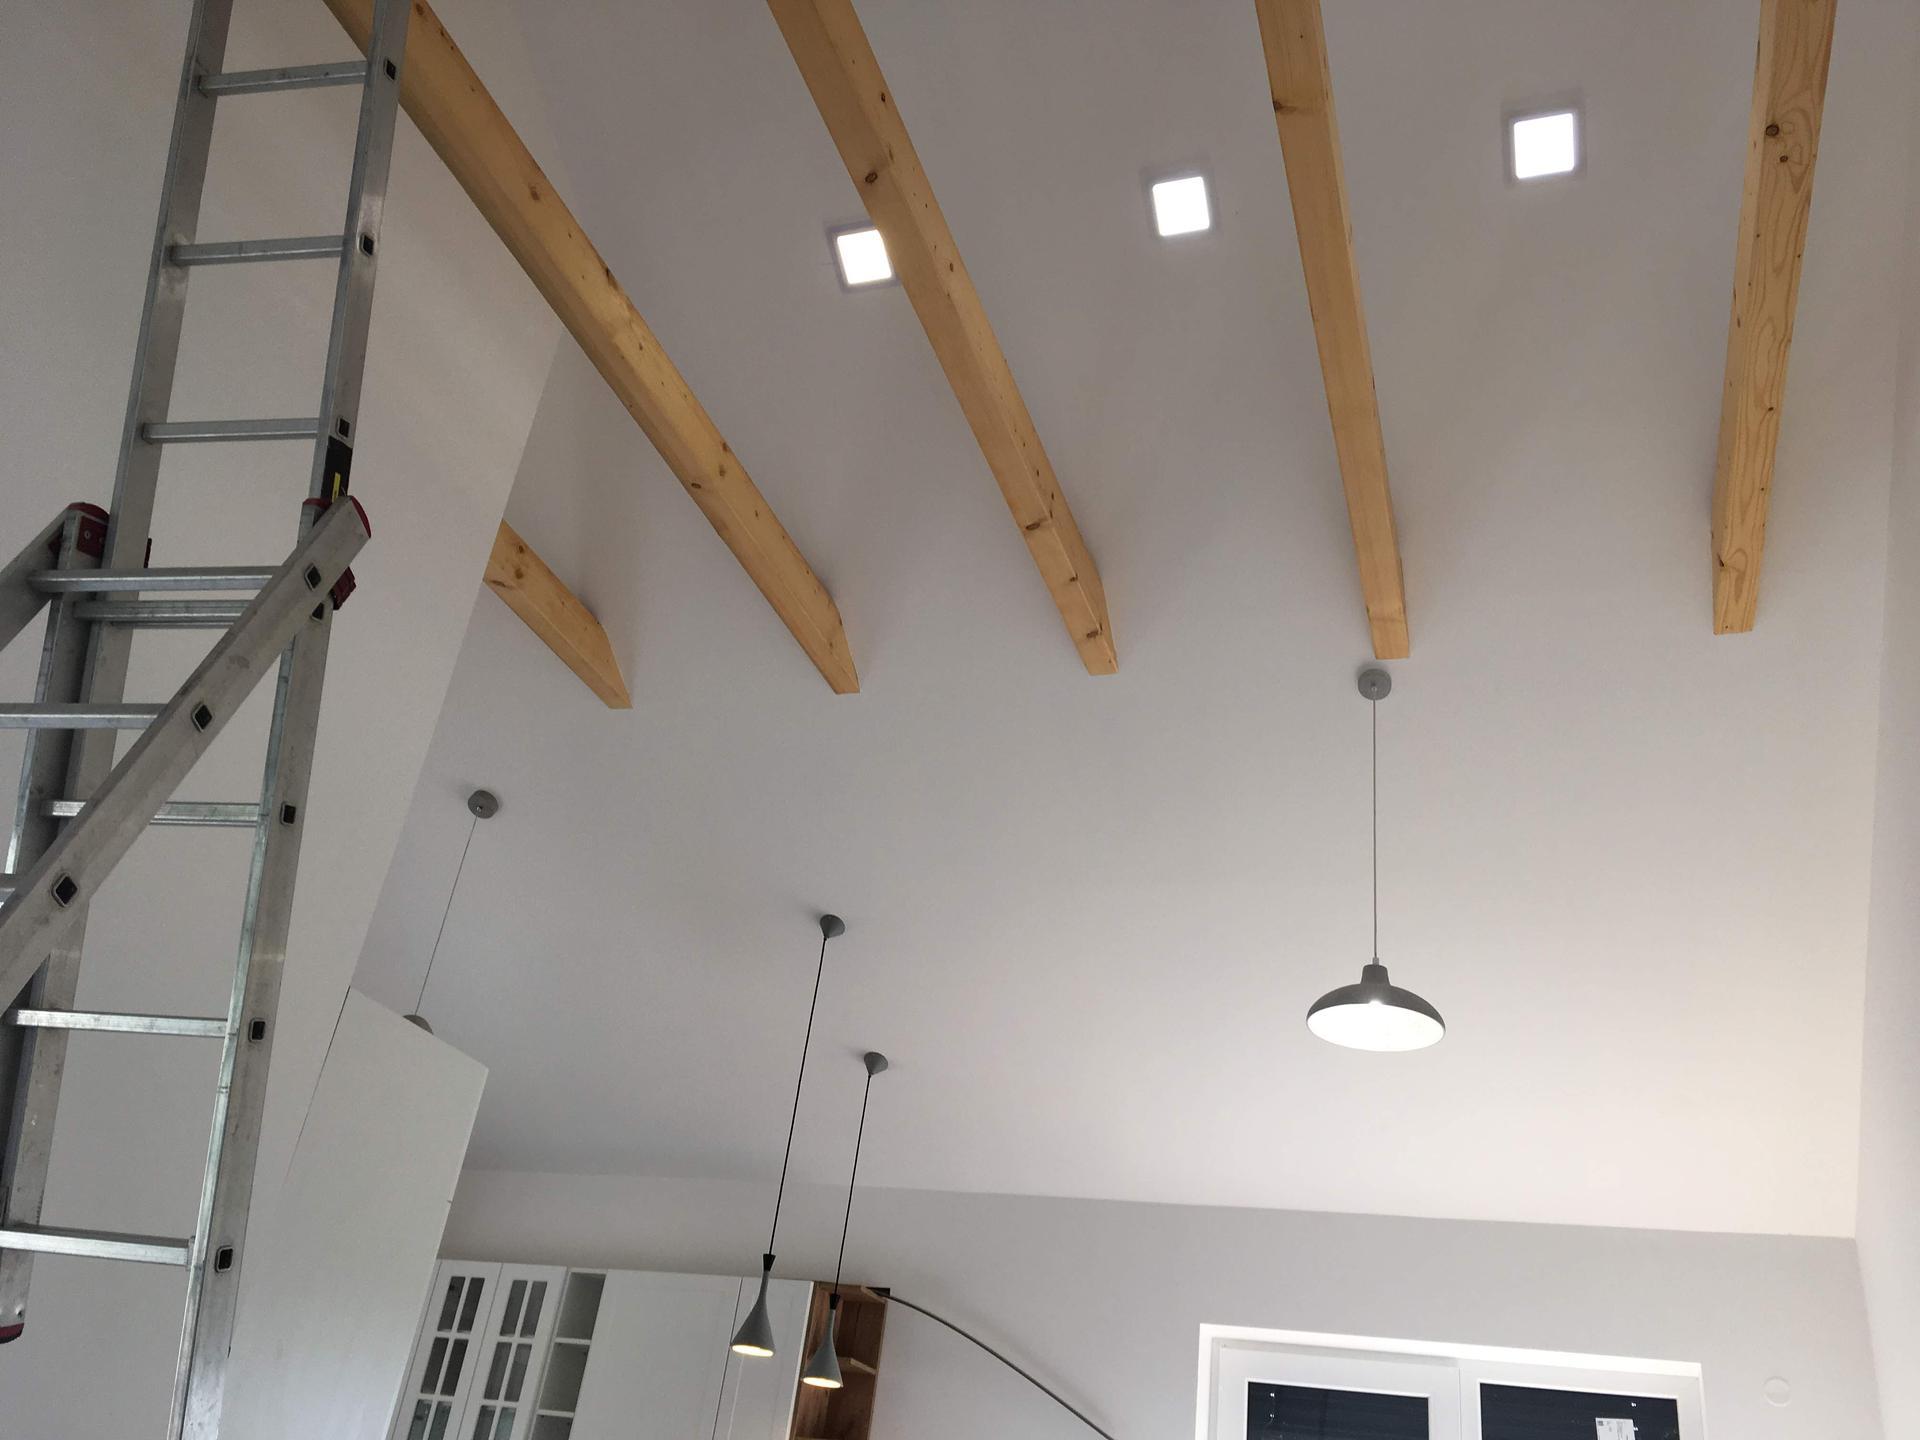 Stodola zevnitř - finalizace osvetleni v obyvako-jidelno-kuchyni